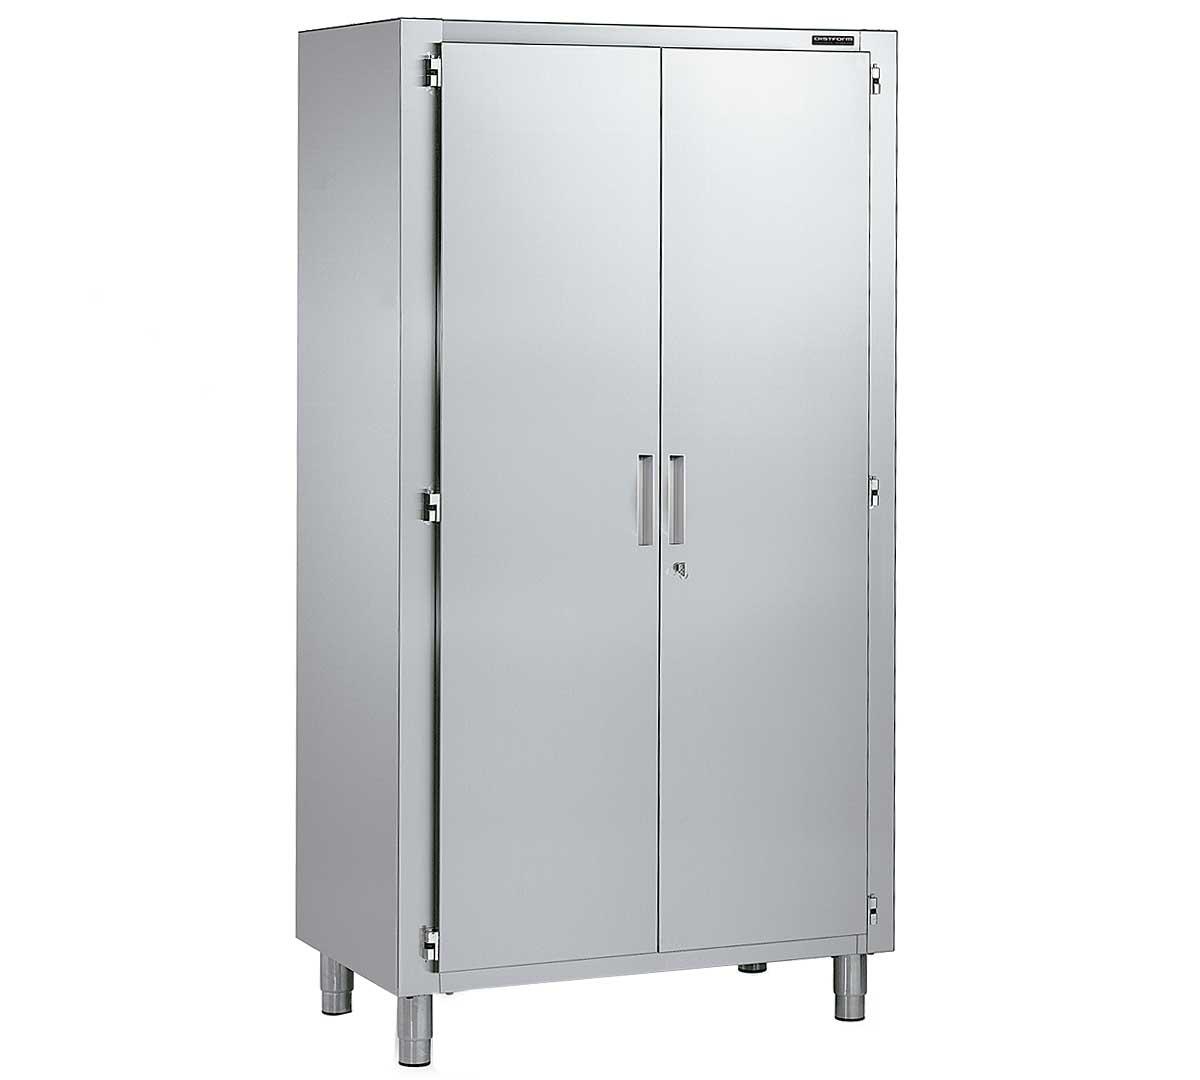 Armario de pie puerta abatible f02 de distform - Puerta abatible cocina ...